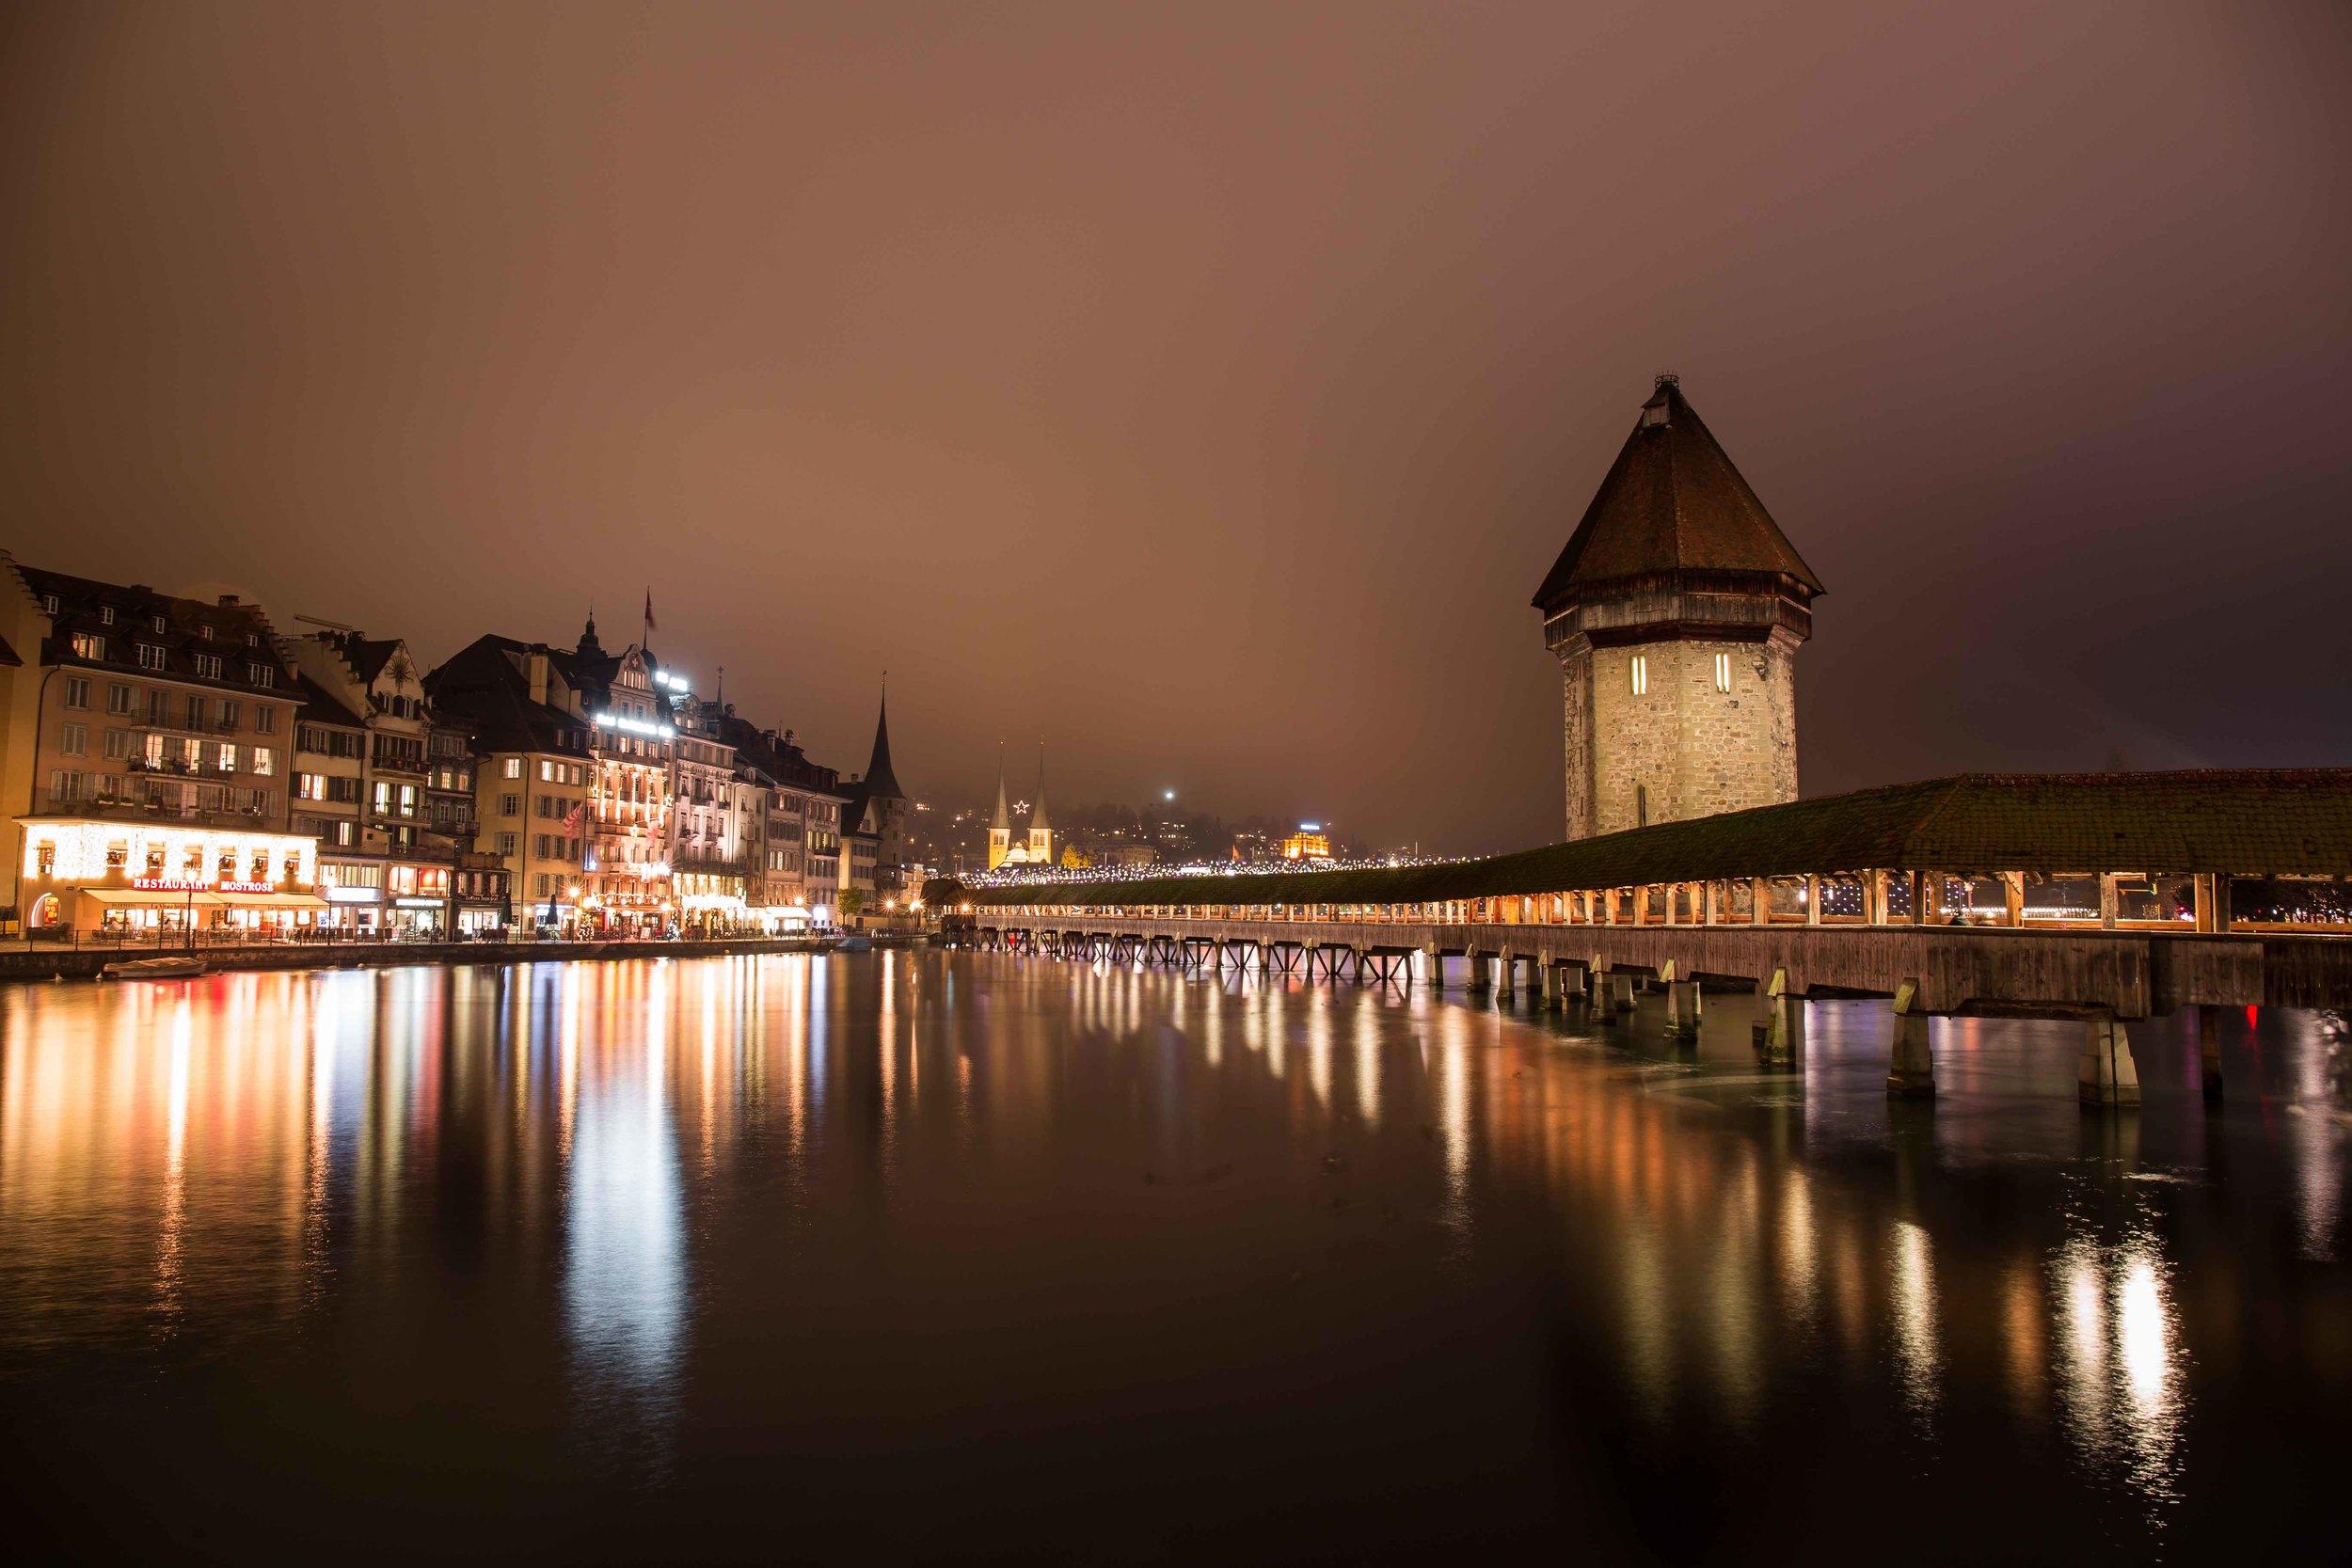 Kappelbrücke Nachts-9877.jpg